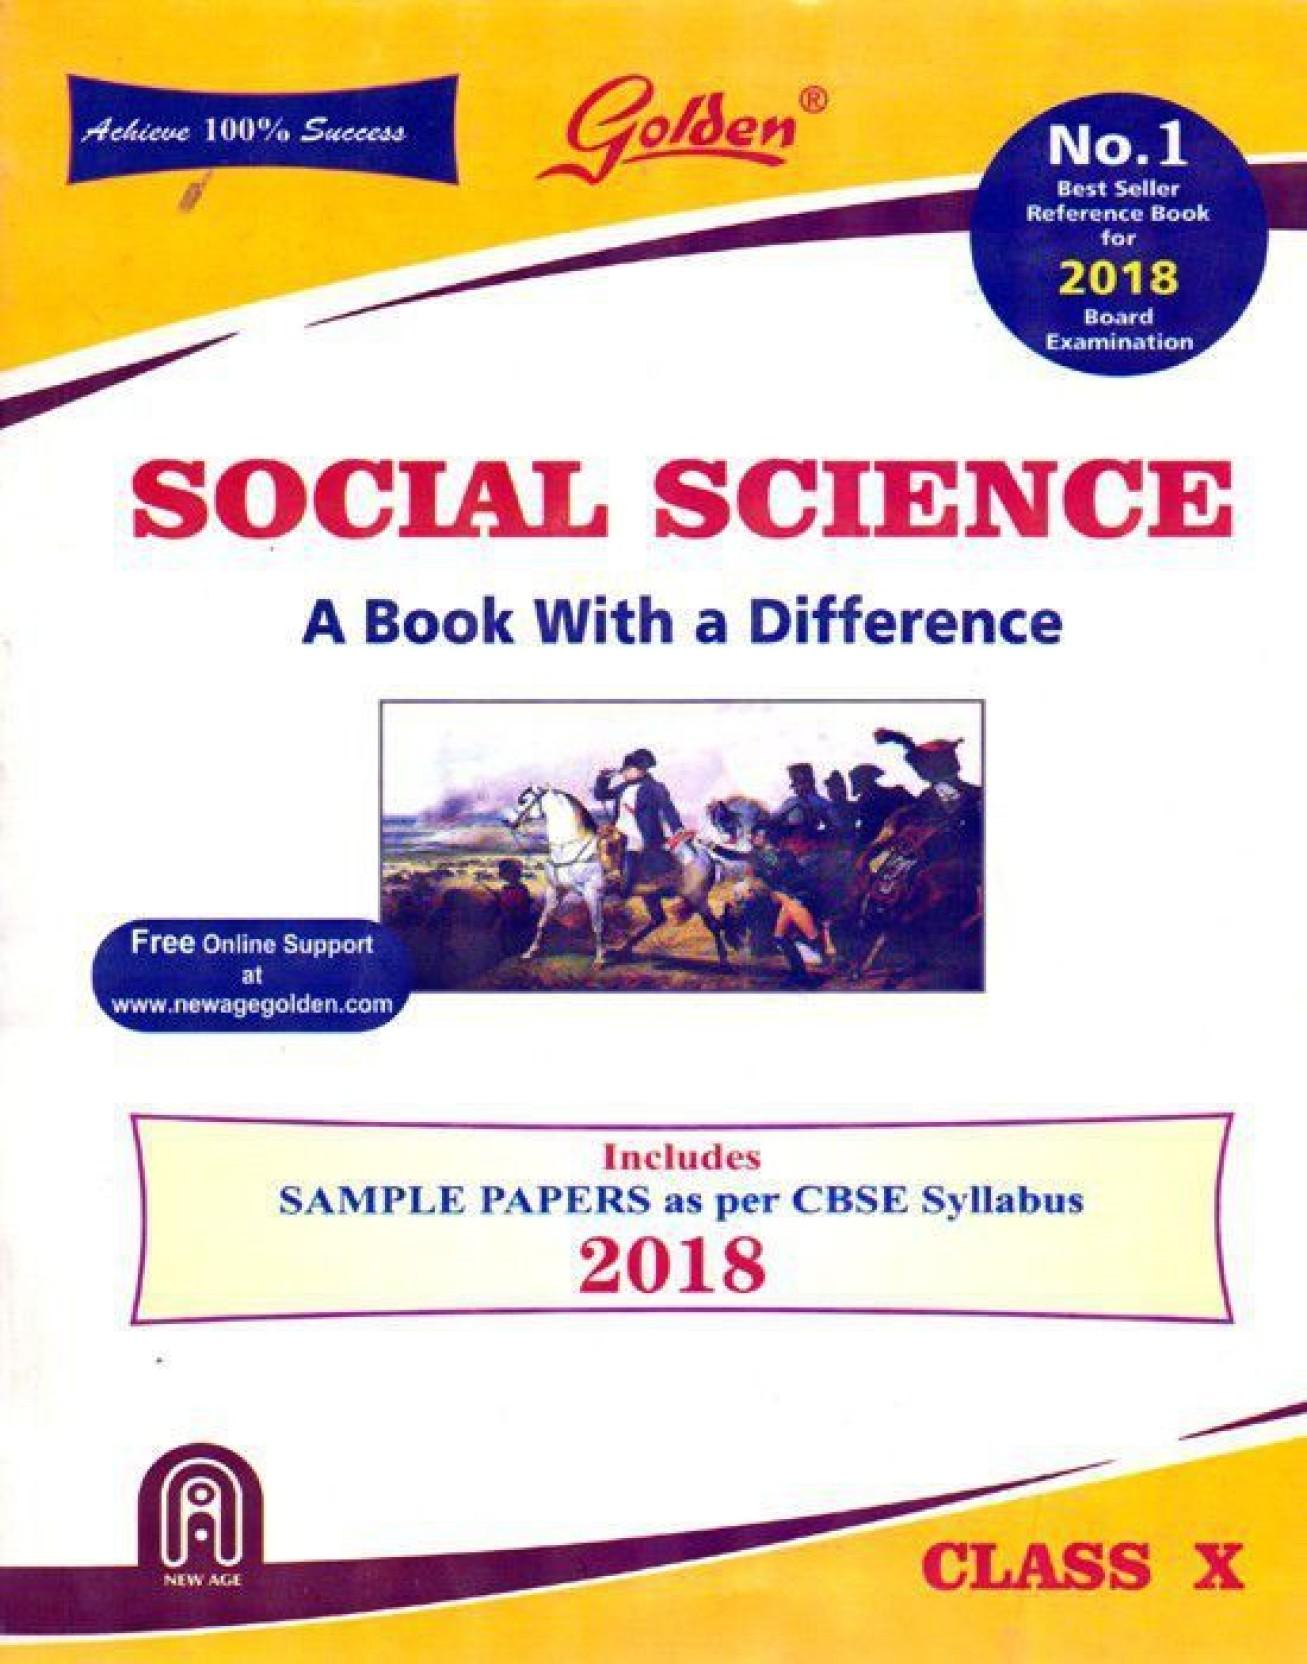 Golden Social Science Class - 10. Share